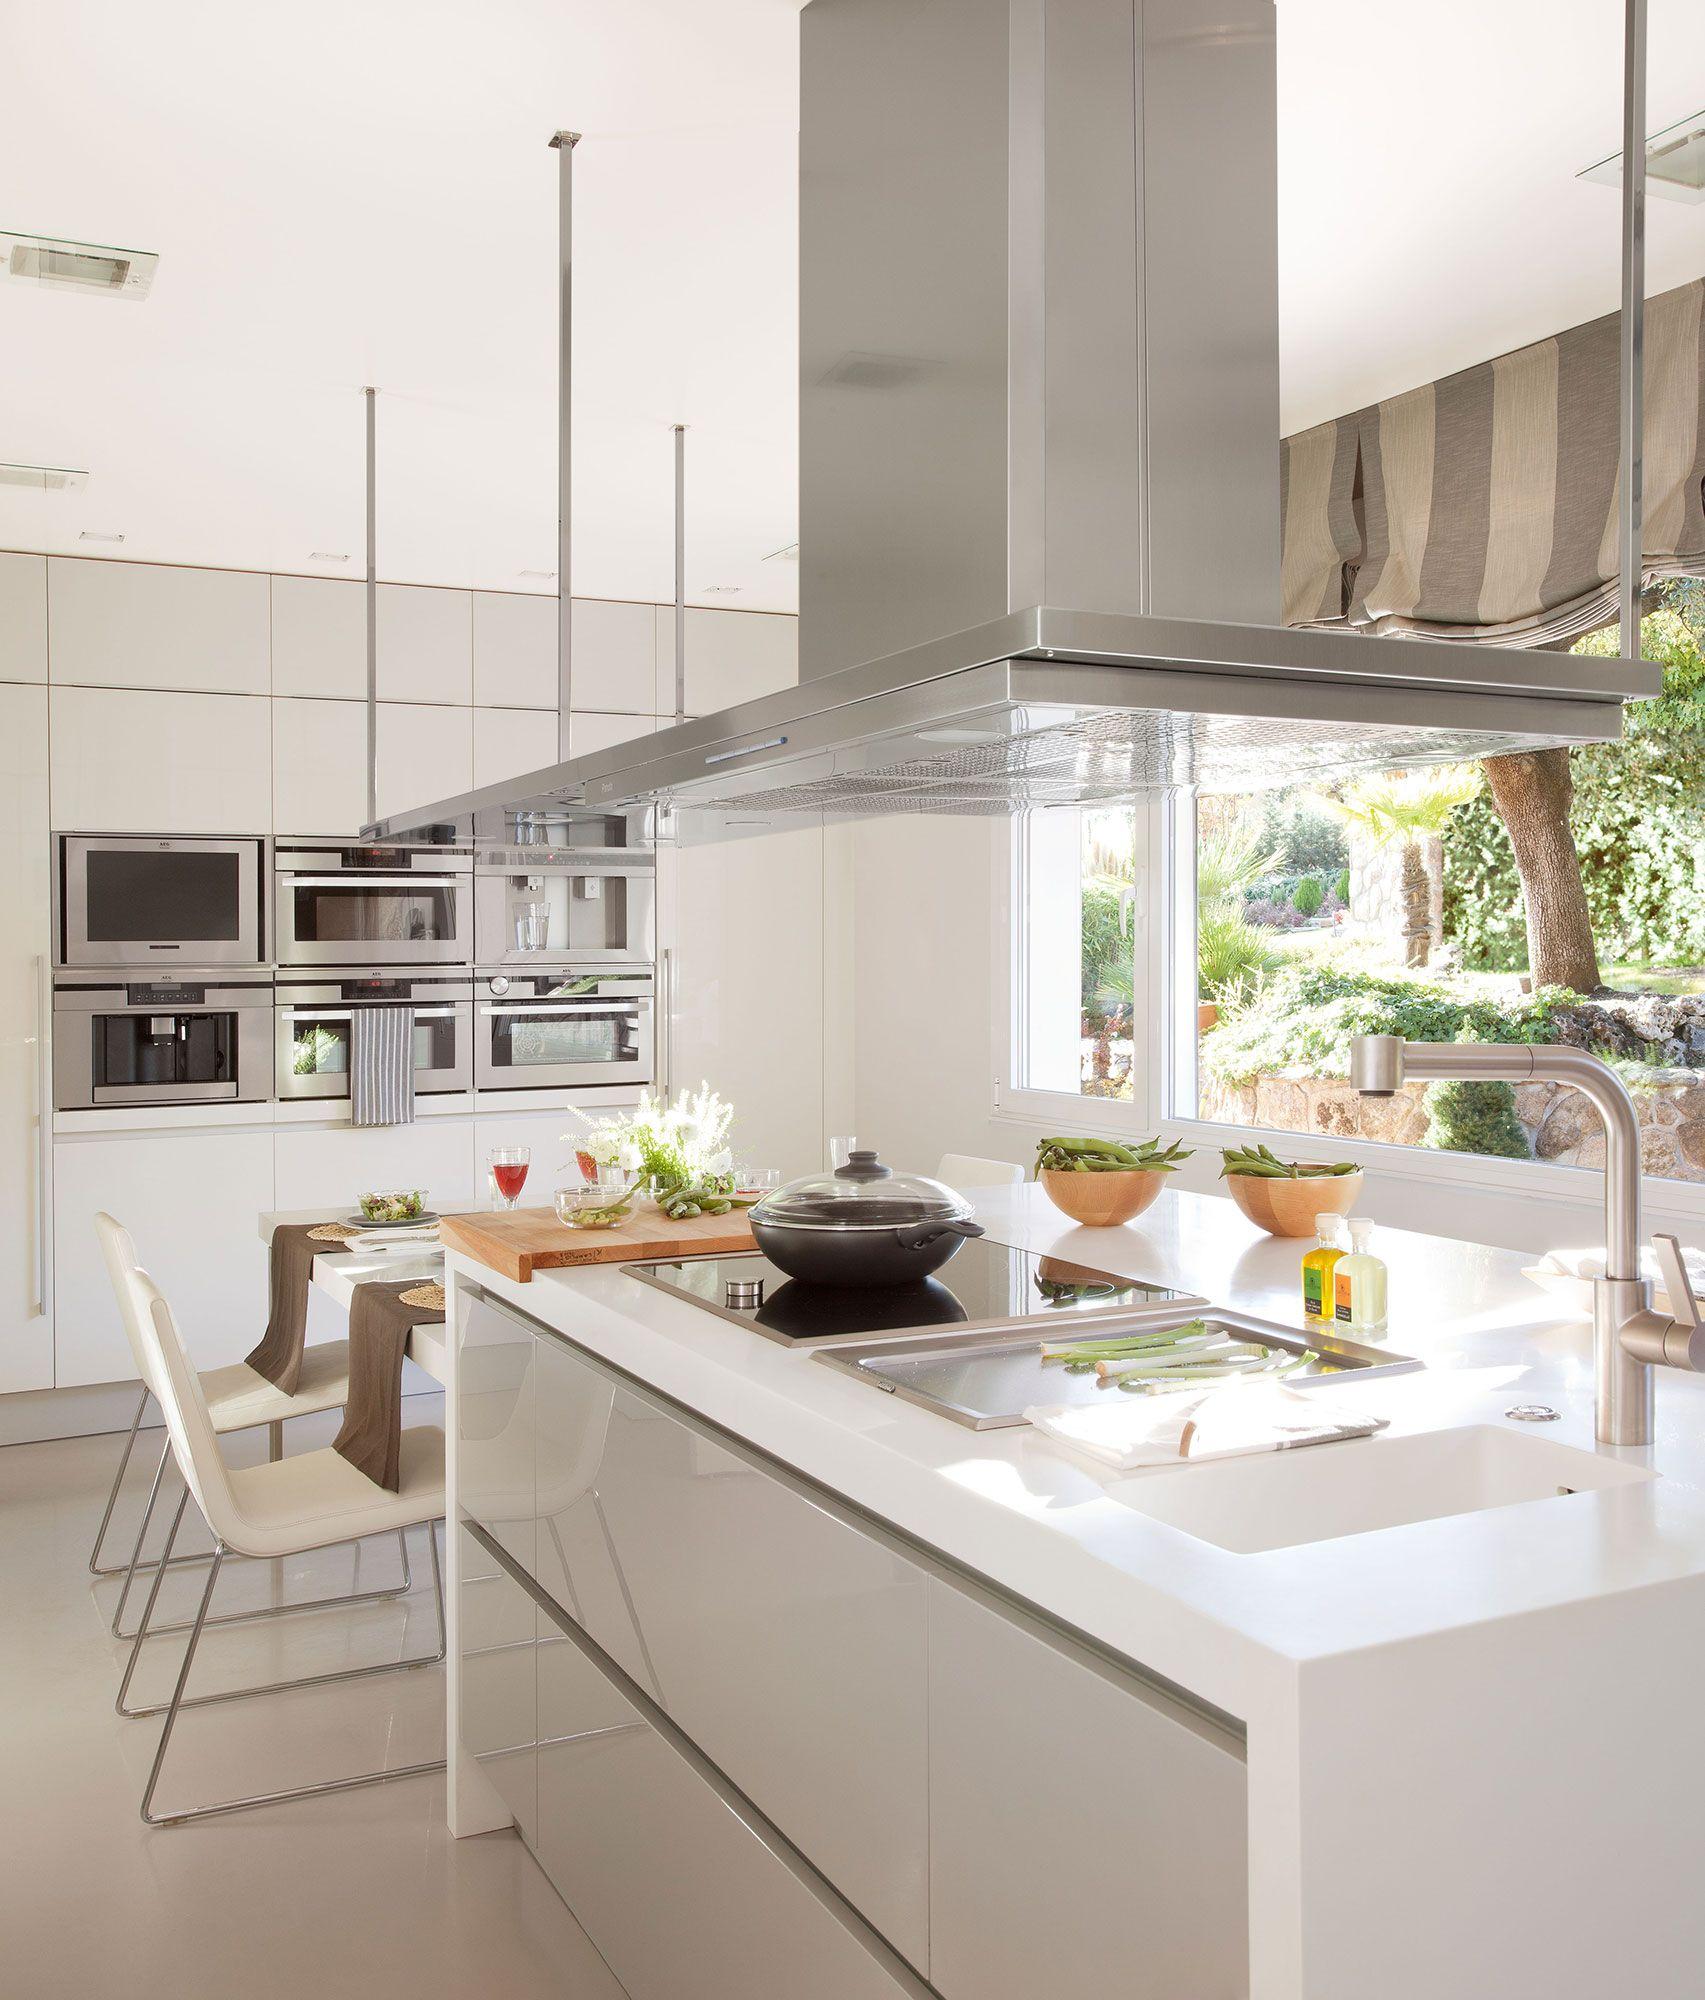 En blanco y gris en 2019 interior design islas de for Decoracion de cocinas pequenas con islas